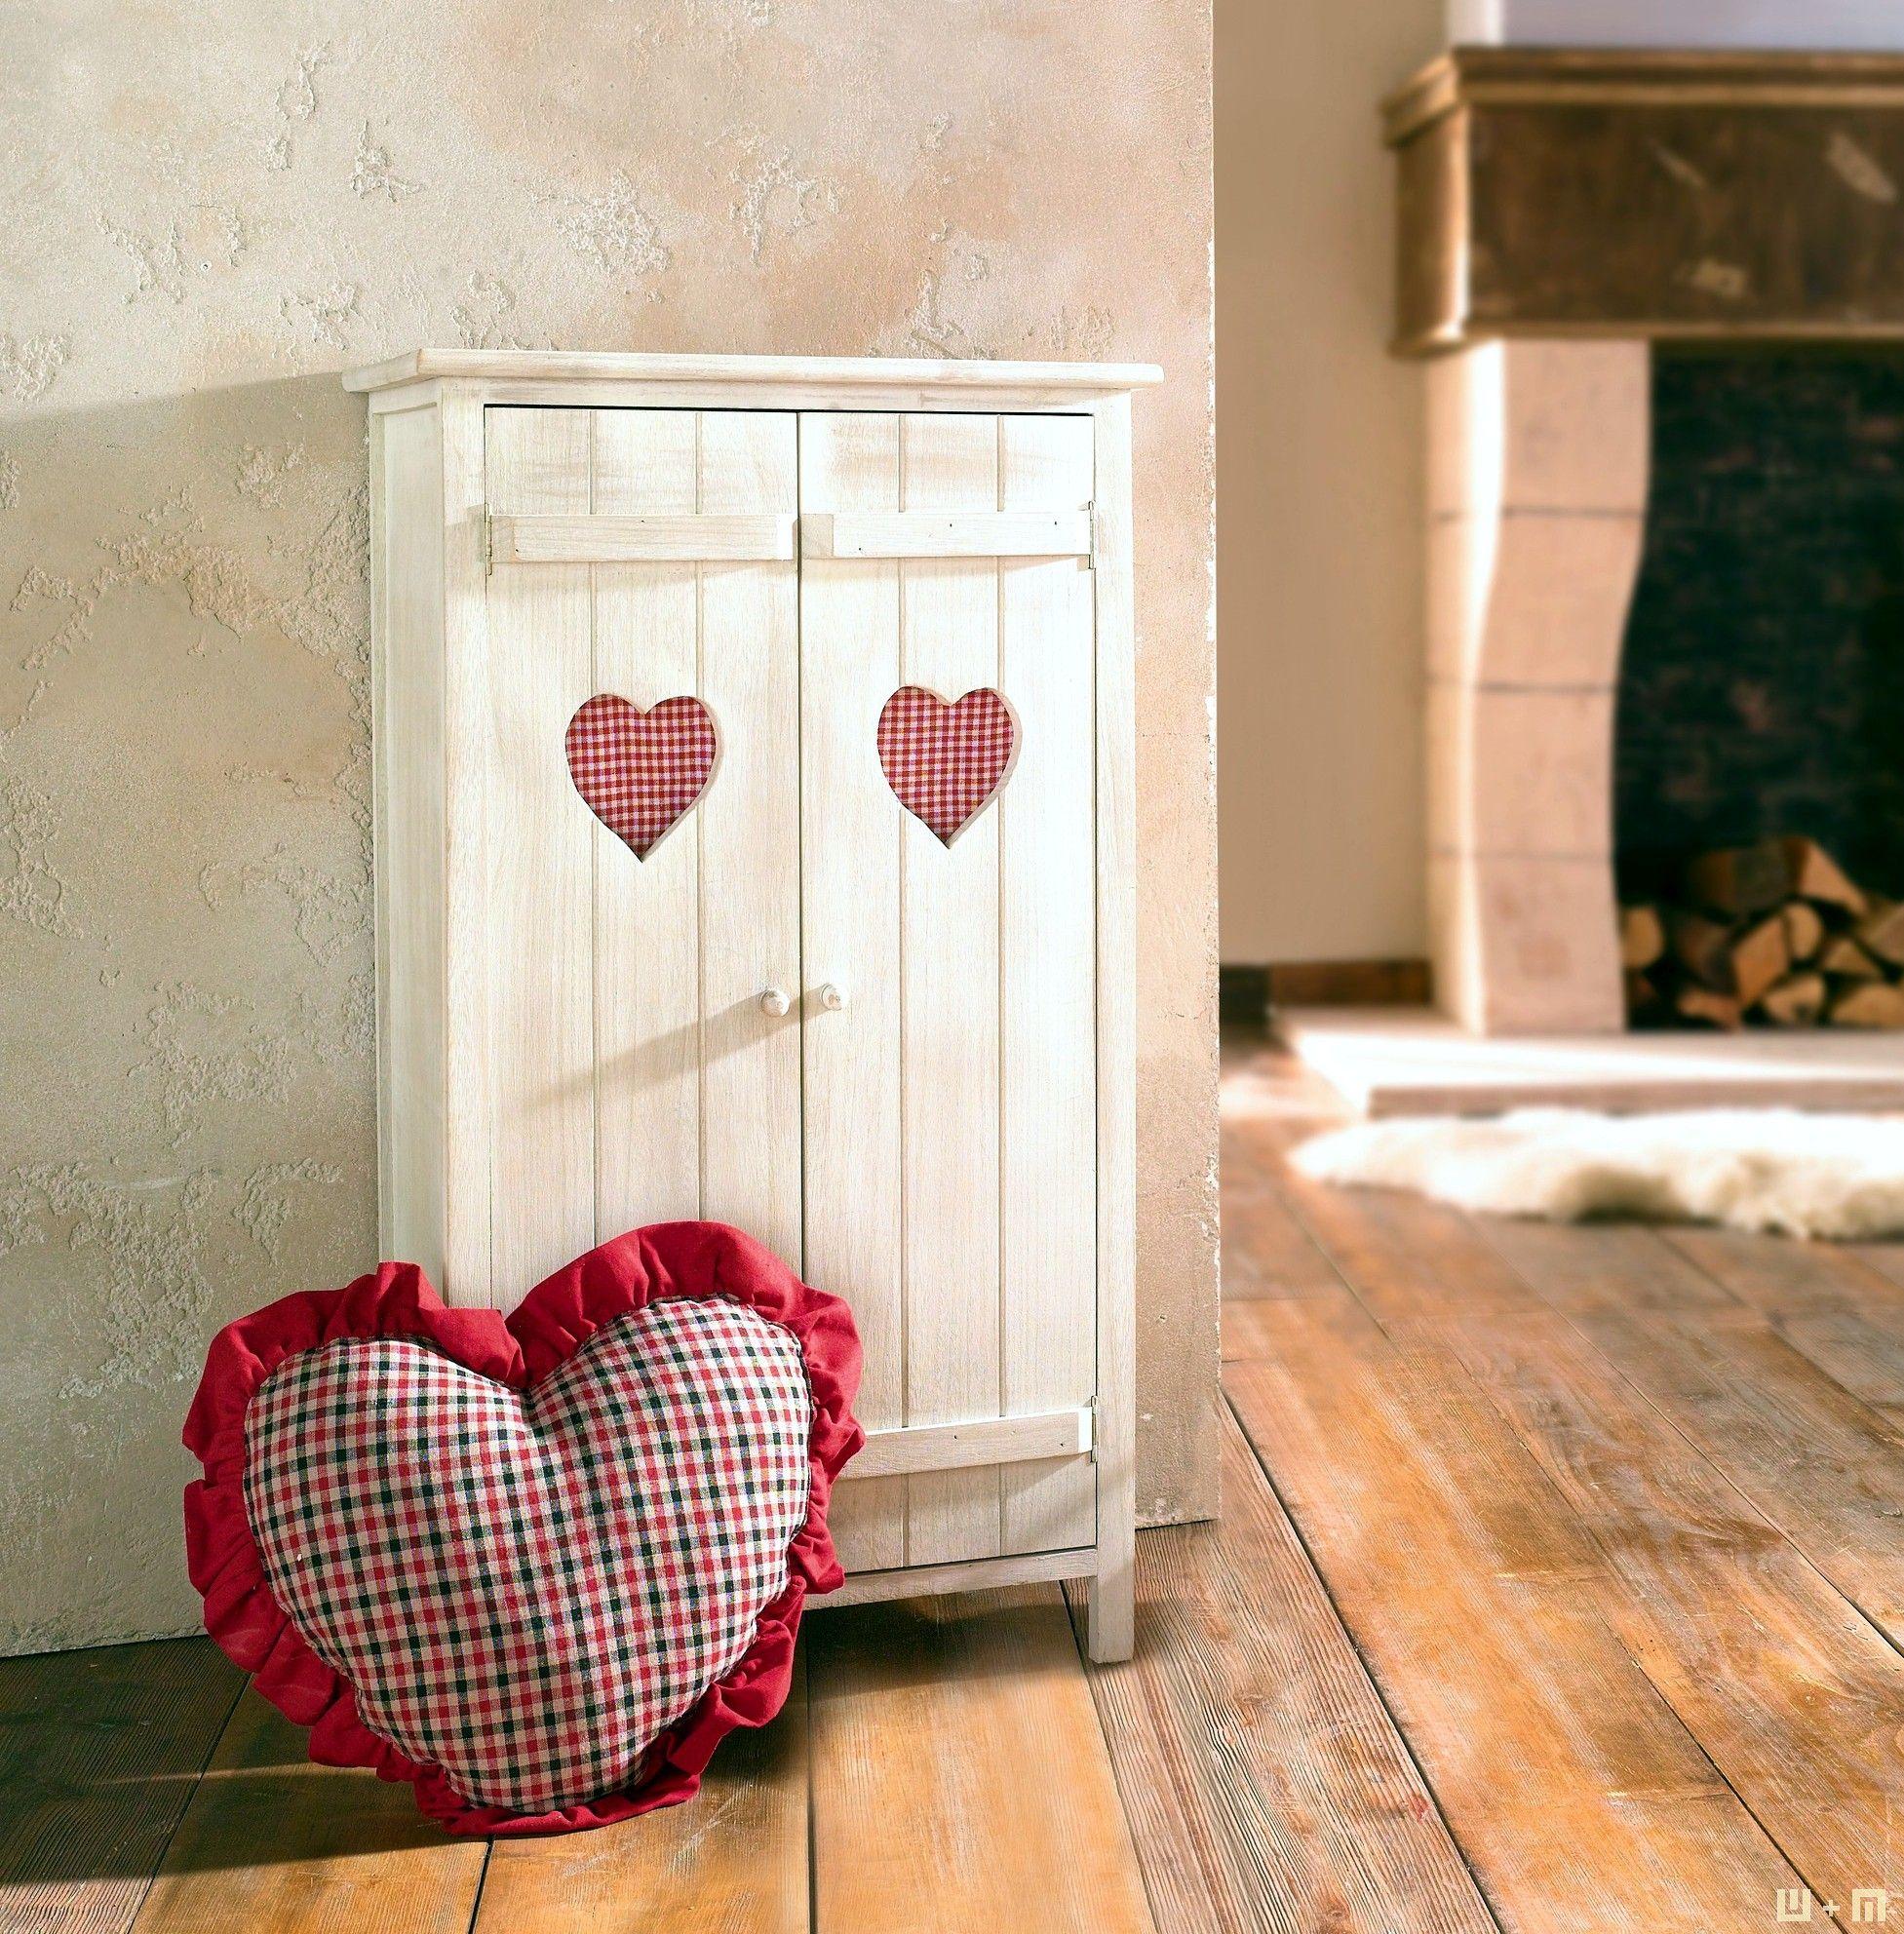 Zauberhaftes kleines Schränkchen, weiß gekalktes Holz, romantische Aussparungen in Herzform, innen mit rot kariertem Stoff verkleidet. Jetzt liefern lassen.